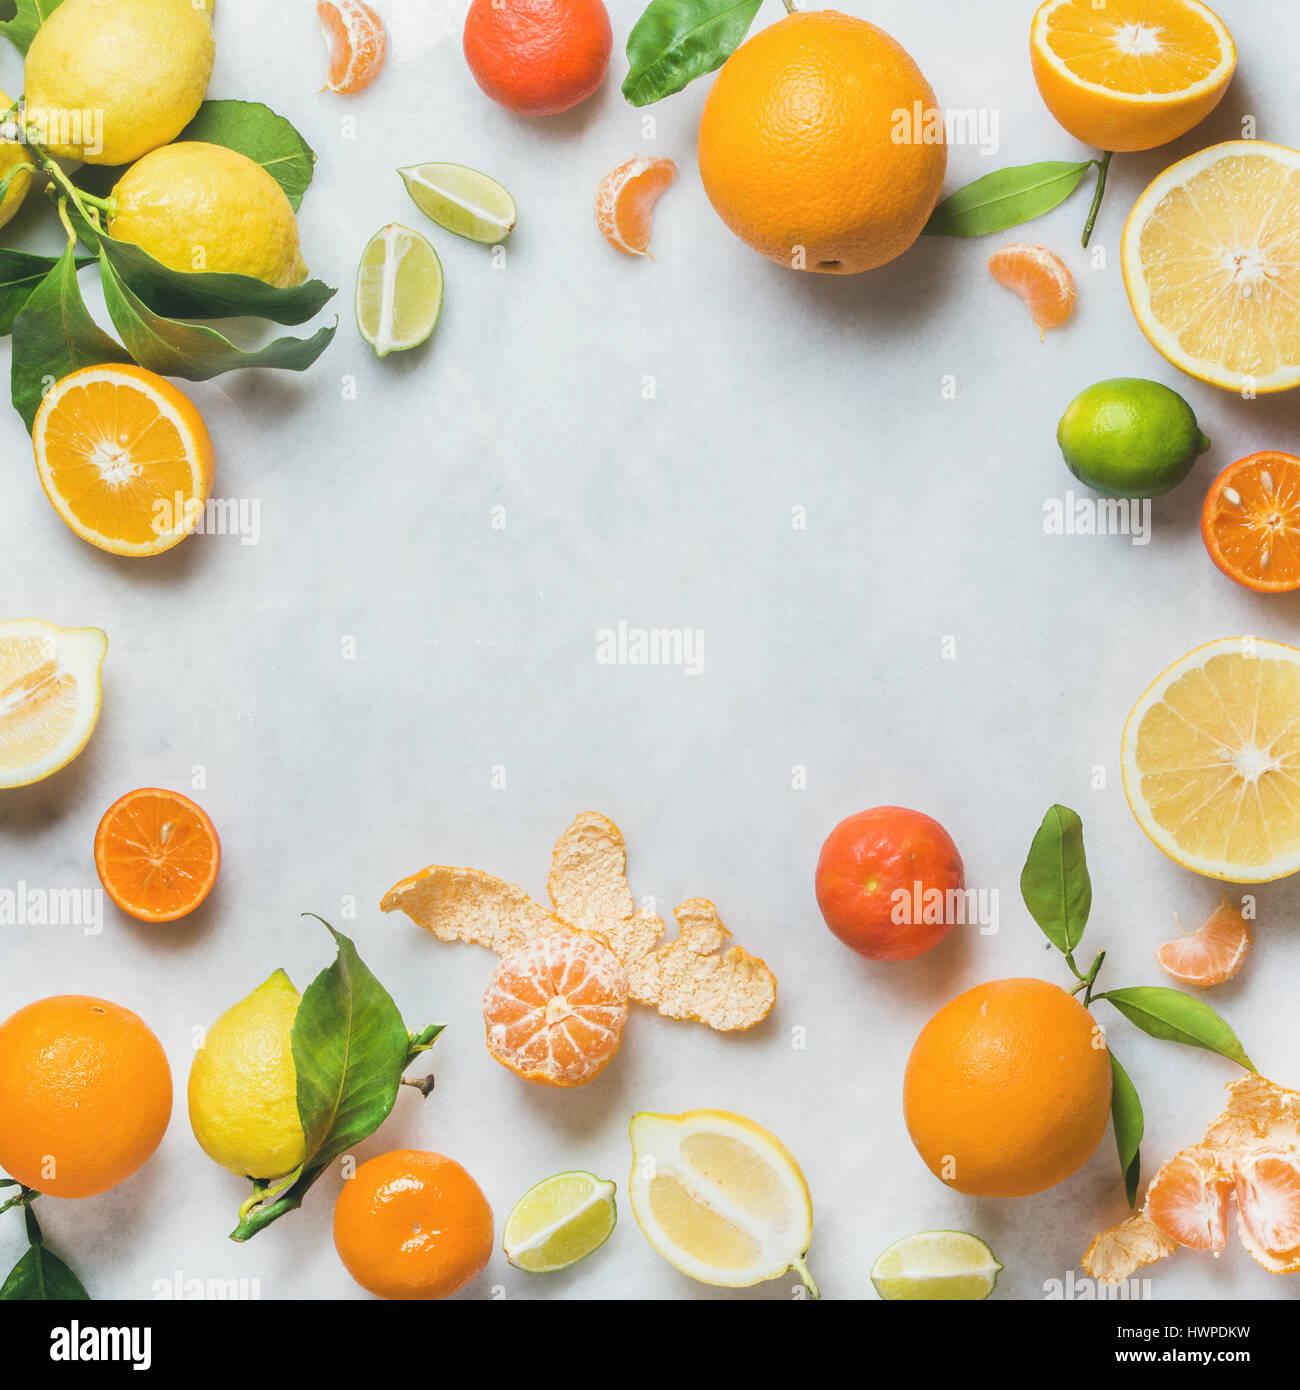 Vielzahl von frischer Zitrusfrüchte zur Herstellung von Saft oder smoothie Stockbild